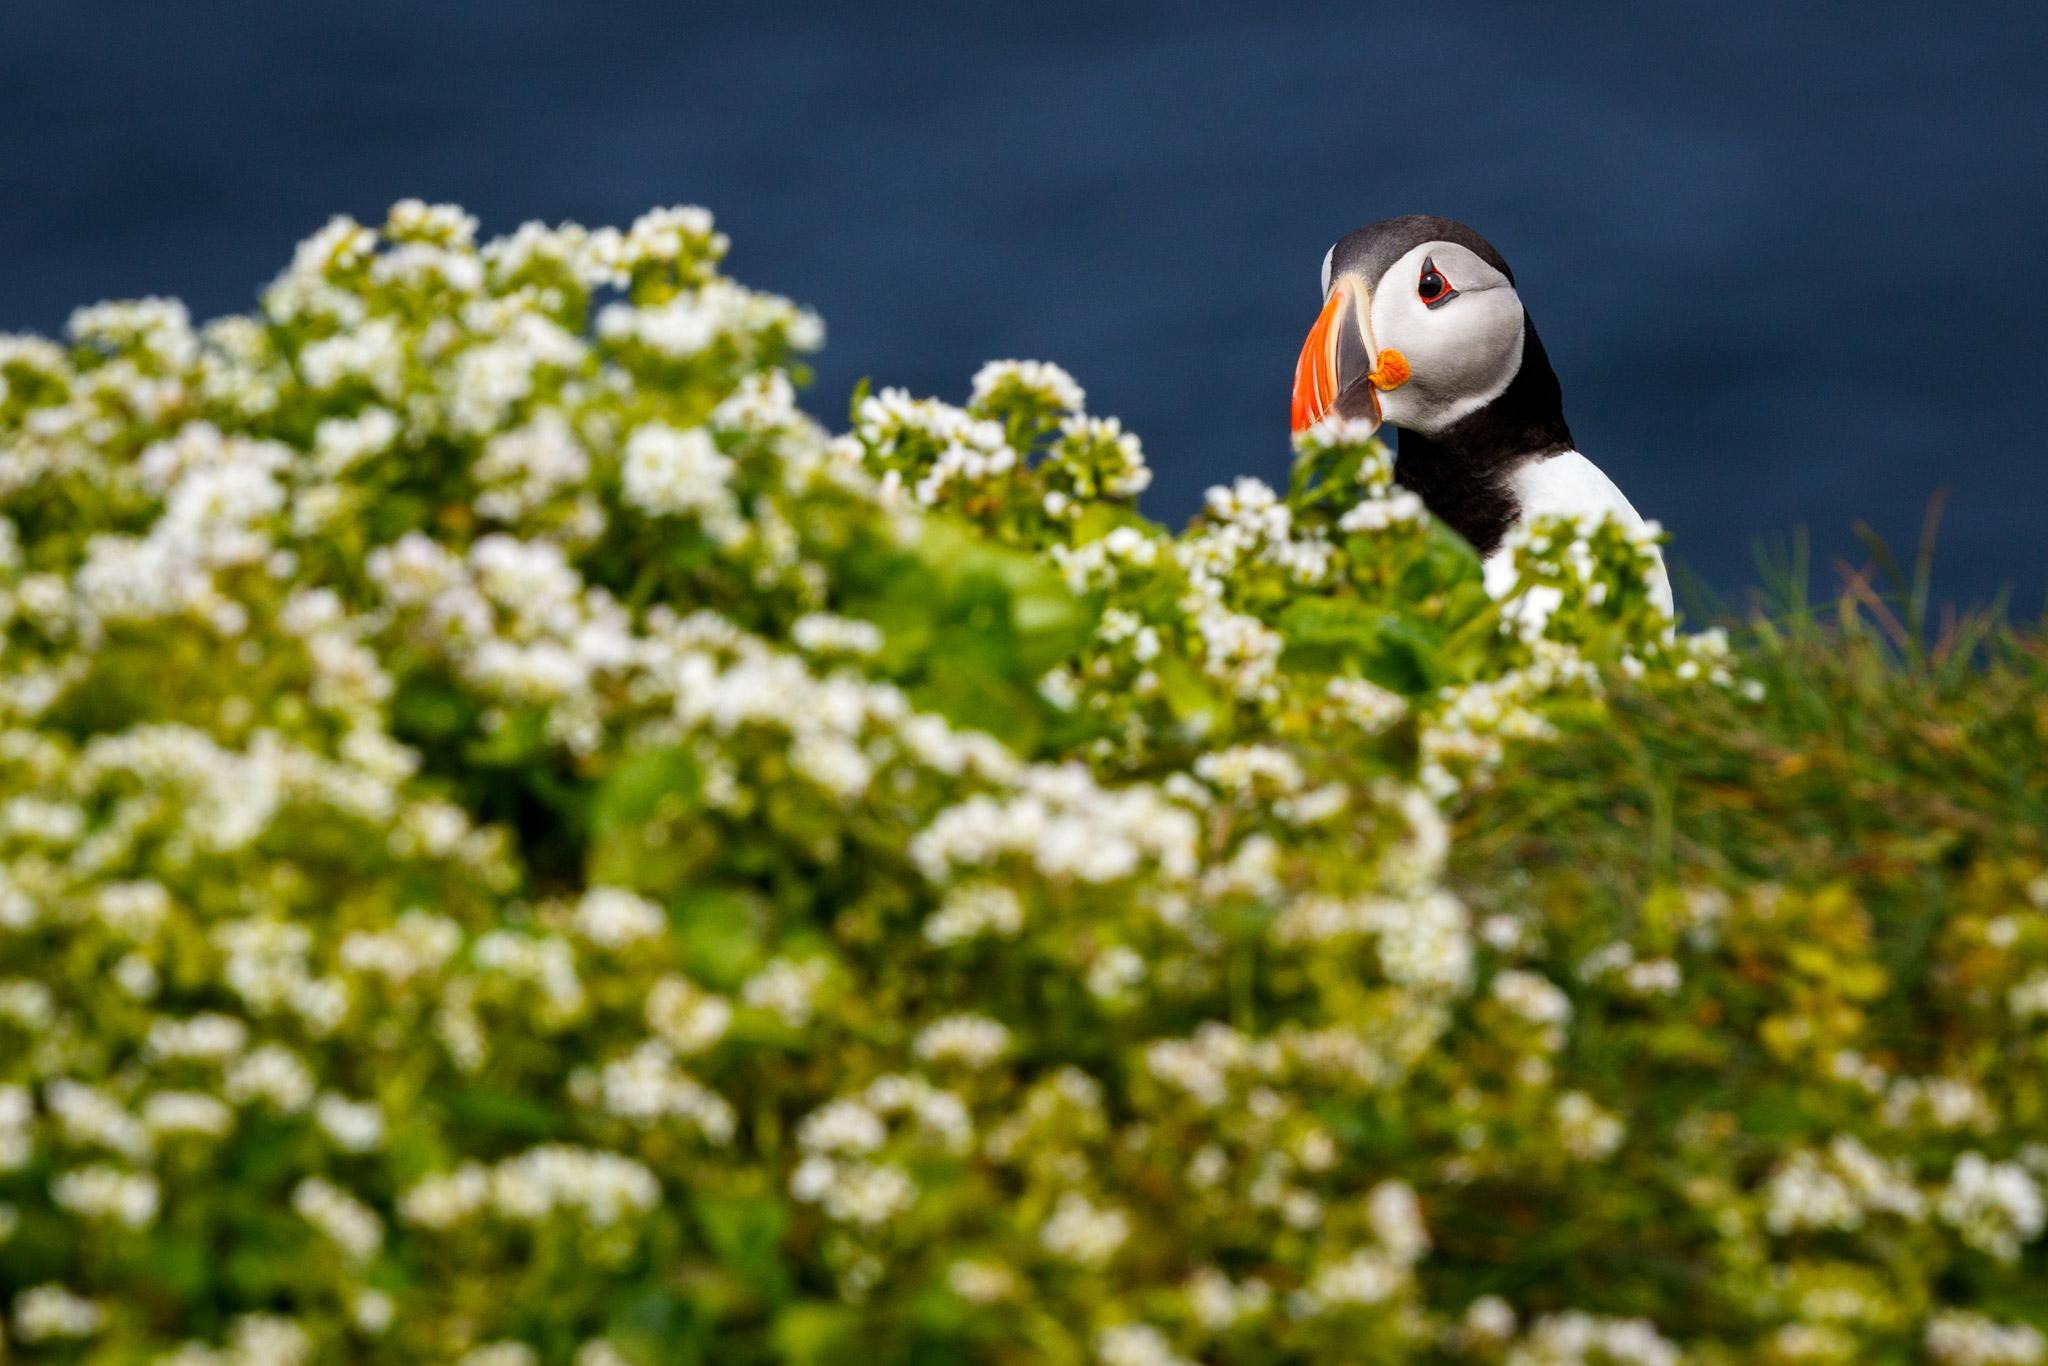 Tom_Schueler_Fotografie_Wildlife_Birds_14